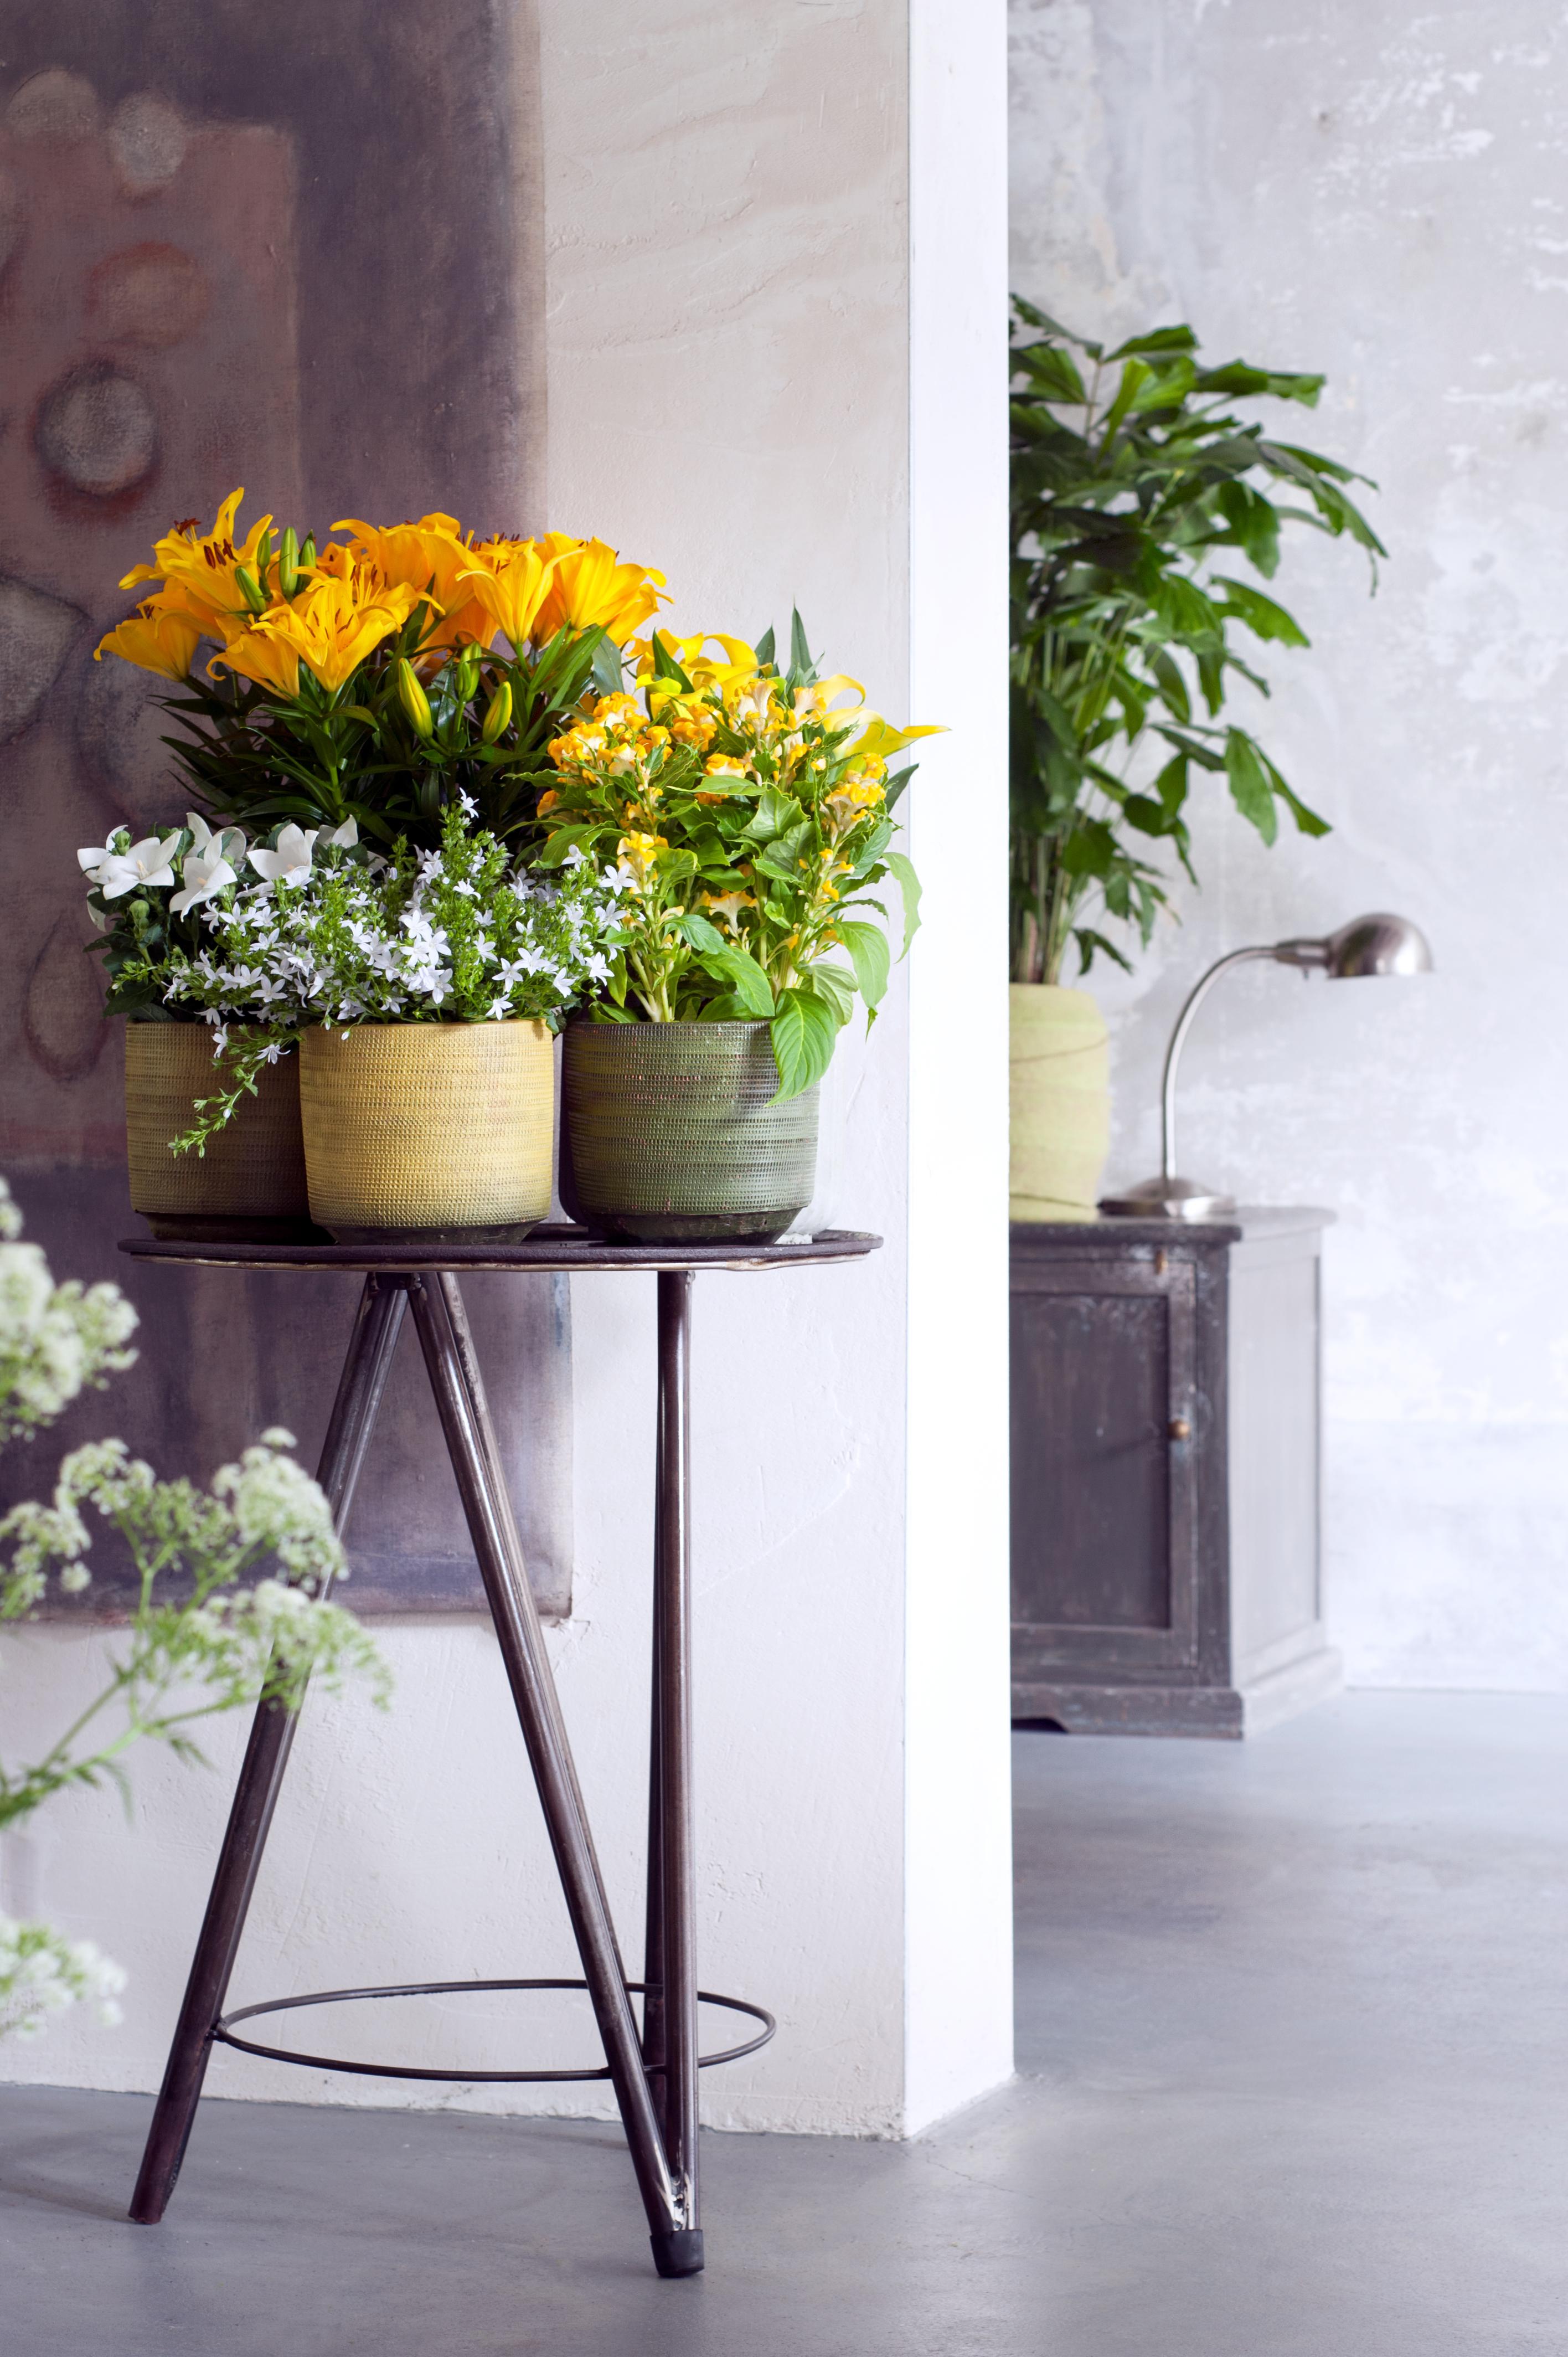 Binnenstebuiten-planten-05-2017-8 - kopie - kopie